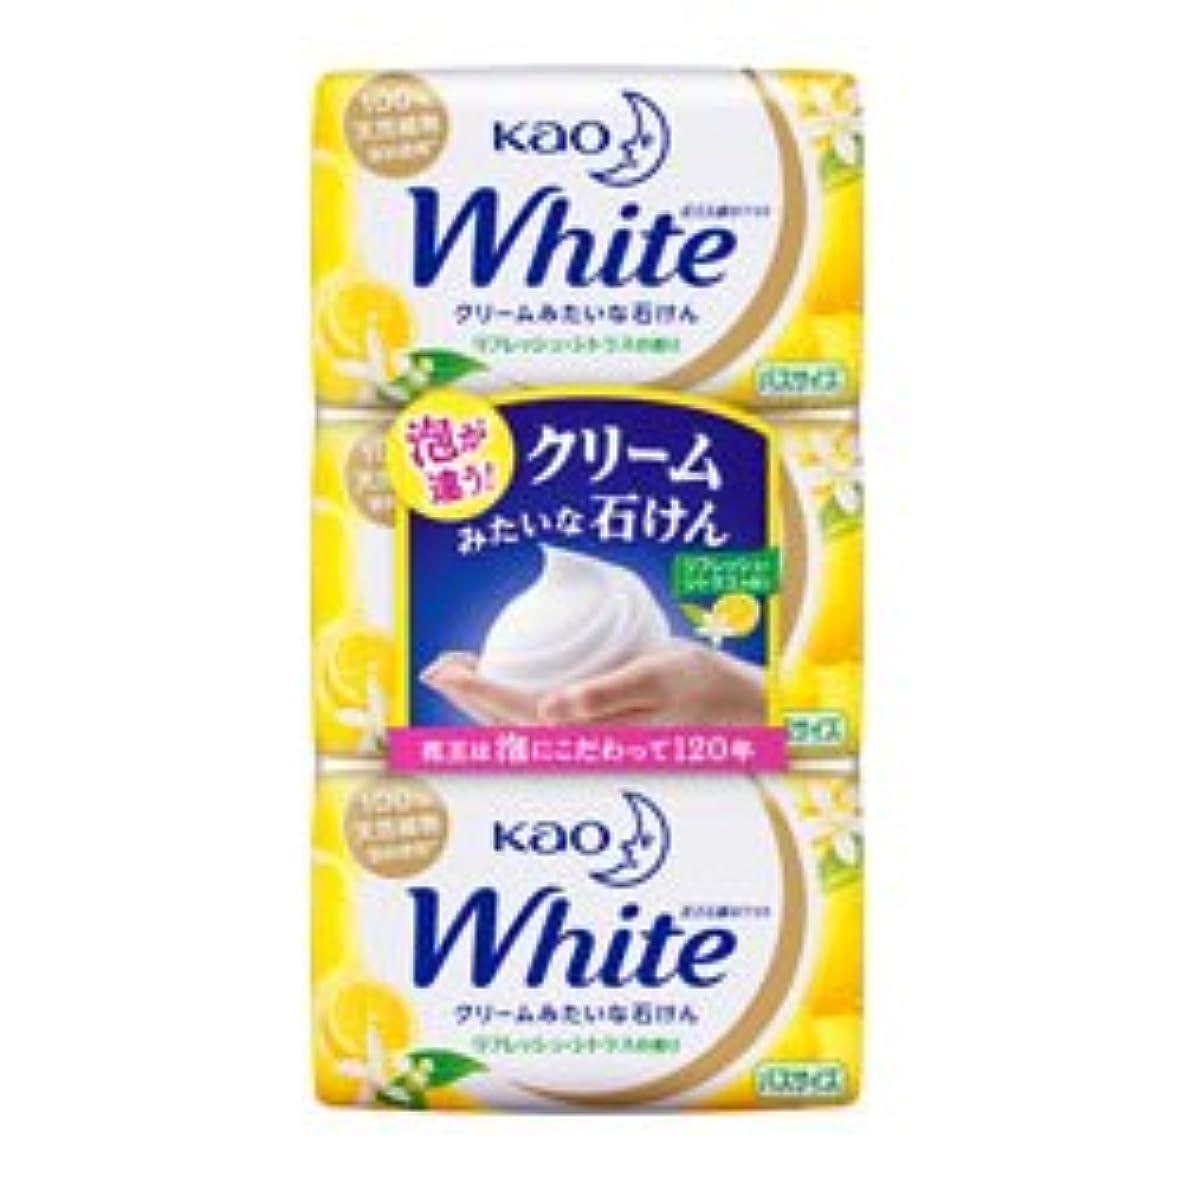 輝度前任者つま先【花王】ホワイト リフレッシュ?シトラスの香り バスサイズ 130g×3個入 ×20個セット